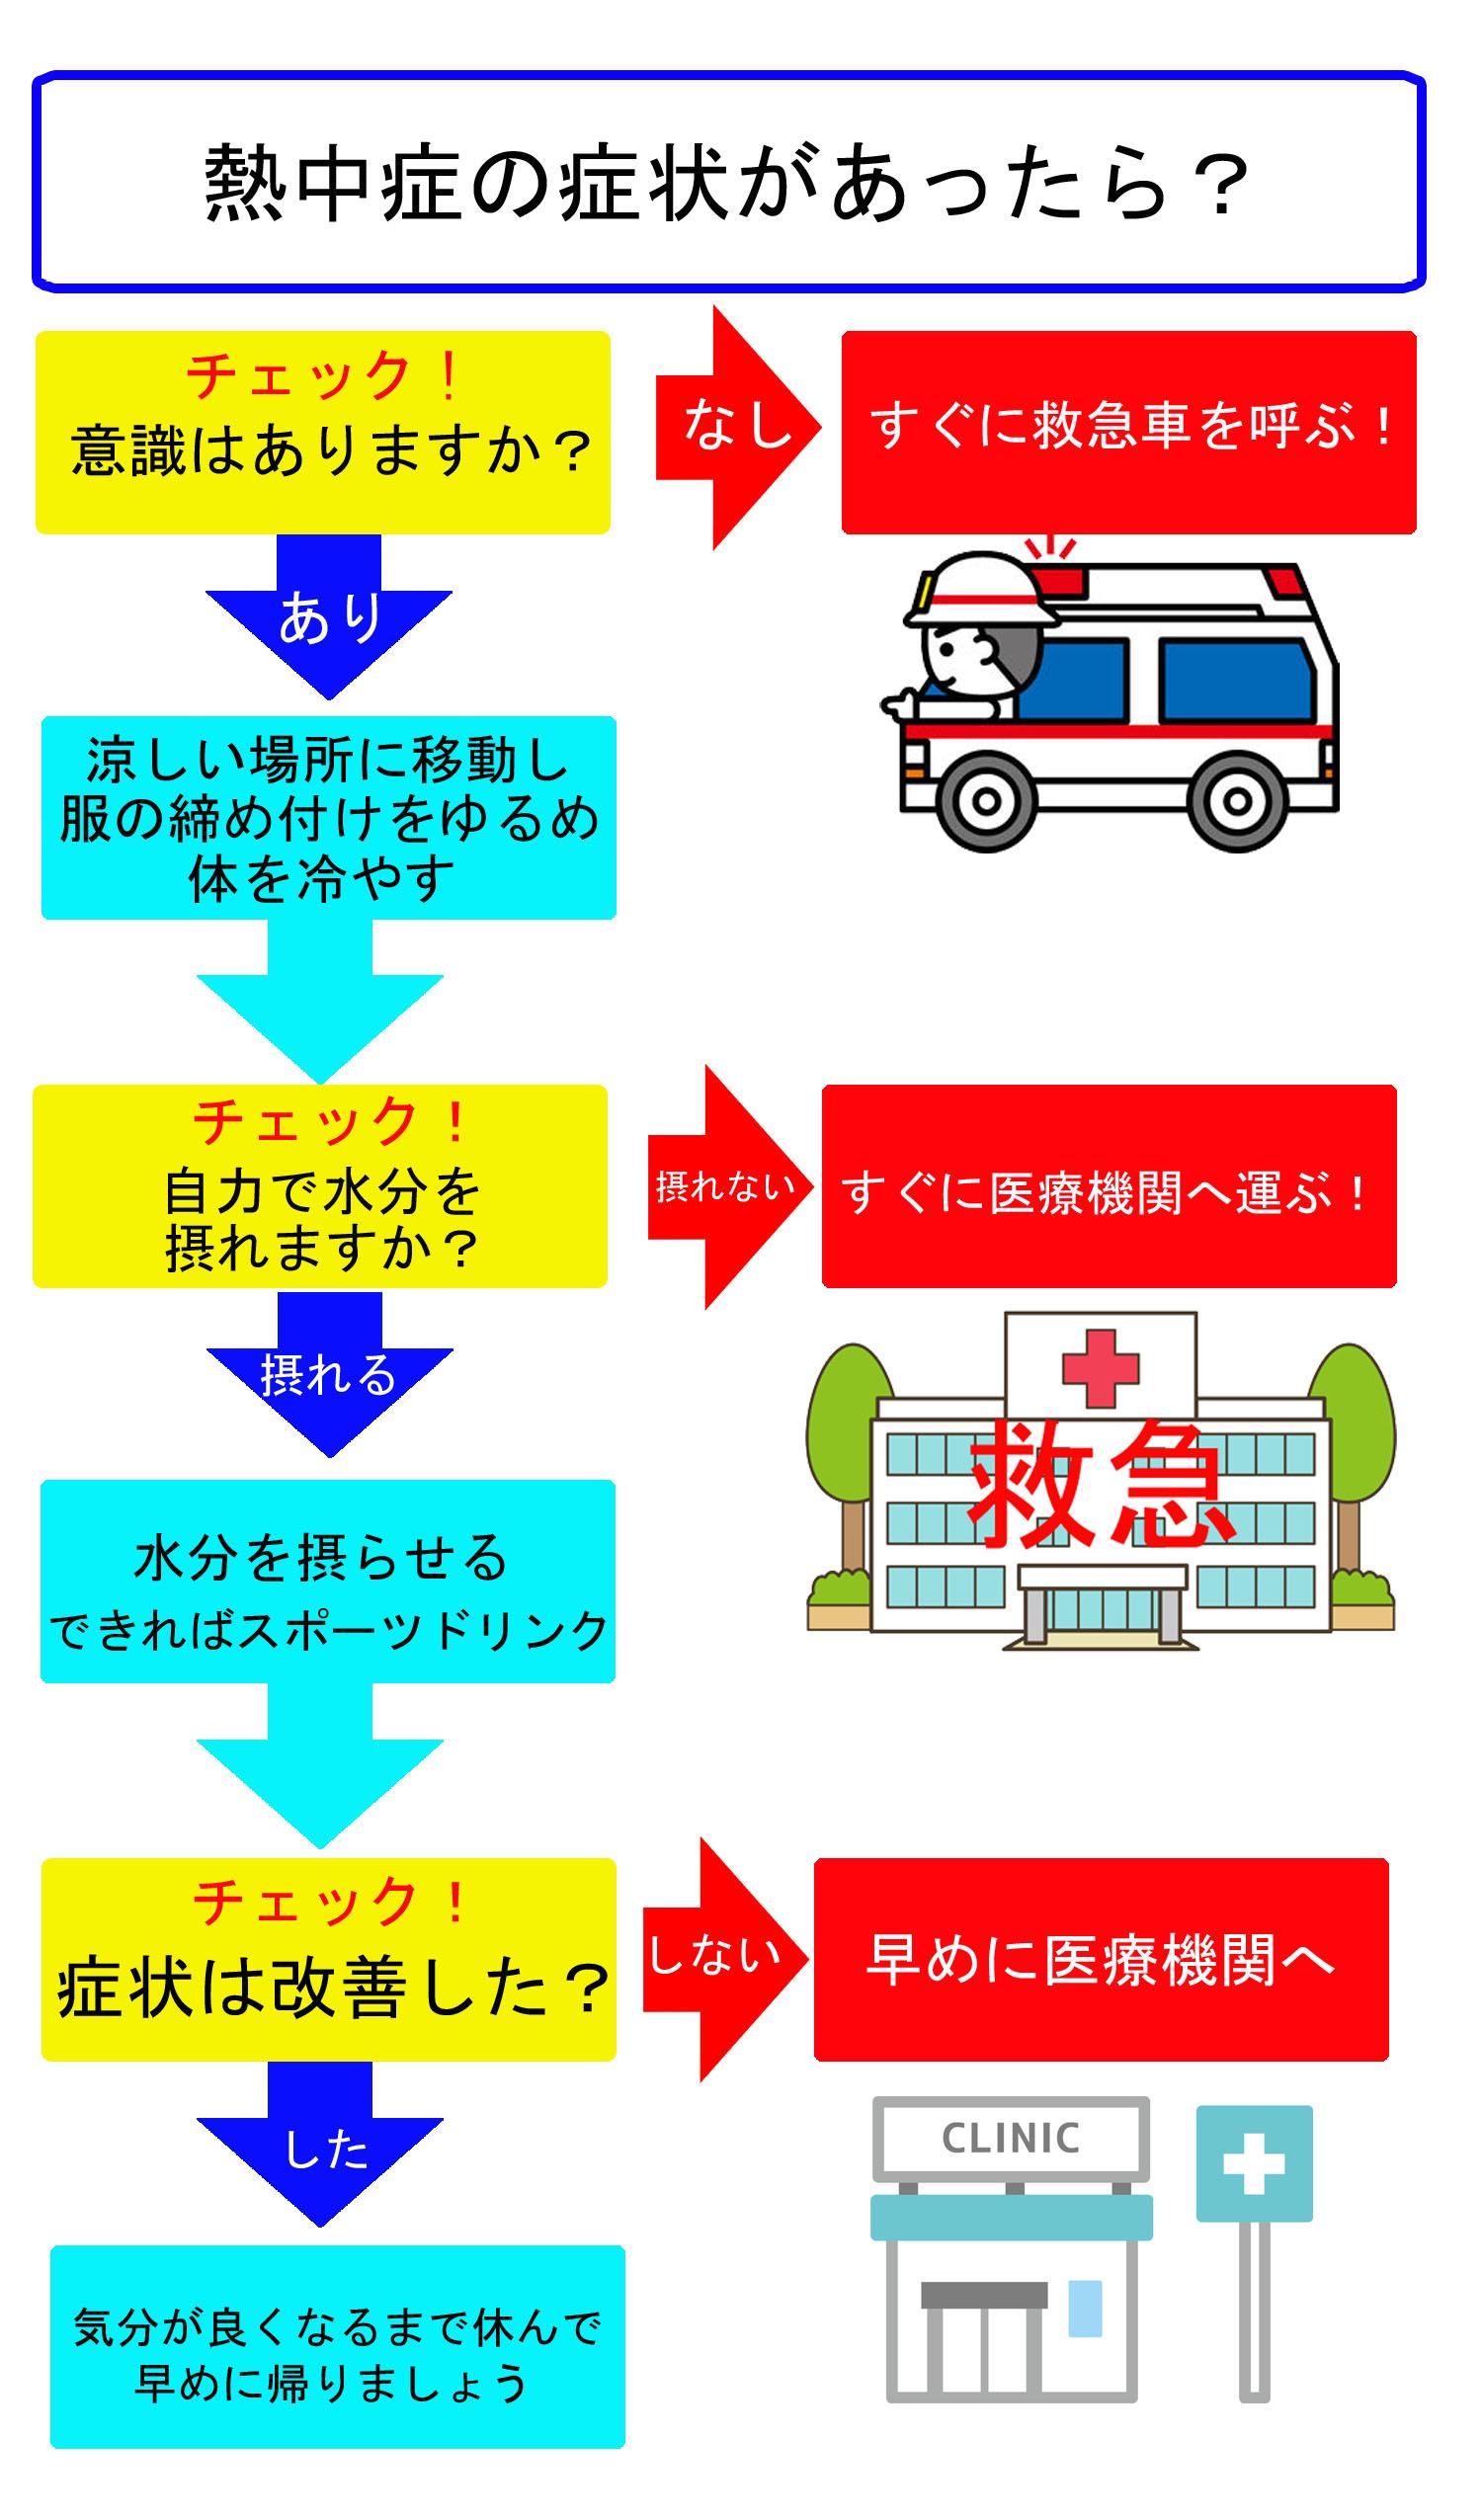 熱中症になった時の緊急対応って知ってますか?予防と処置をわかりやすく解説します!